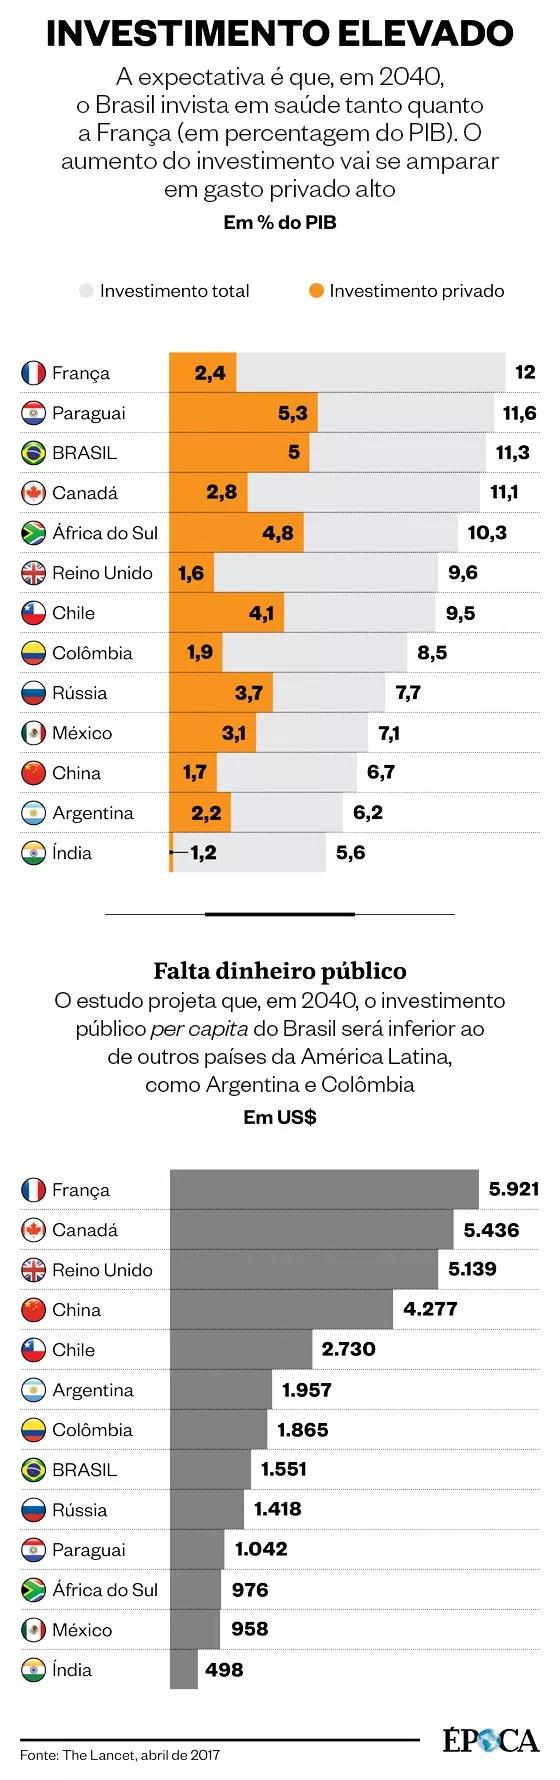 Quadros comparativos sobre o investimento em saúde pública e privada no Brasil e em outros países do mundo (Foto: ÉPOCA)